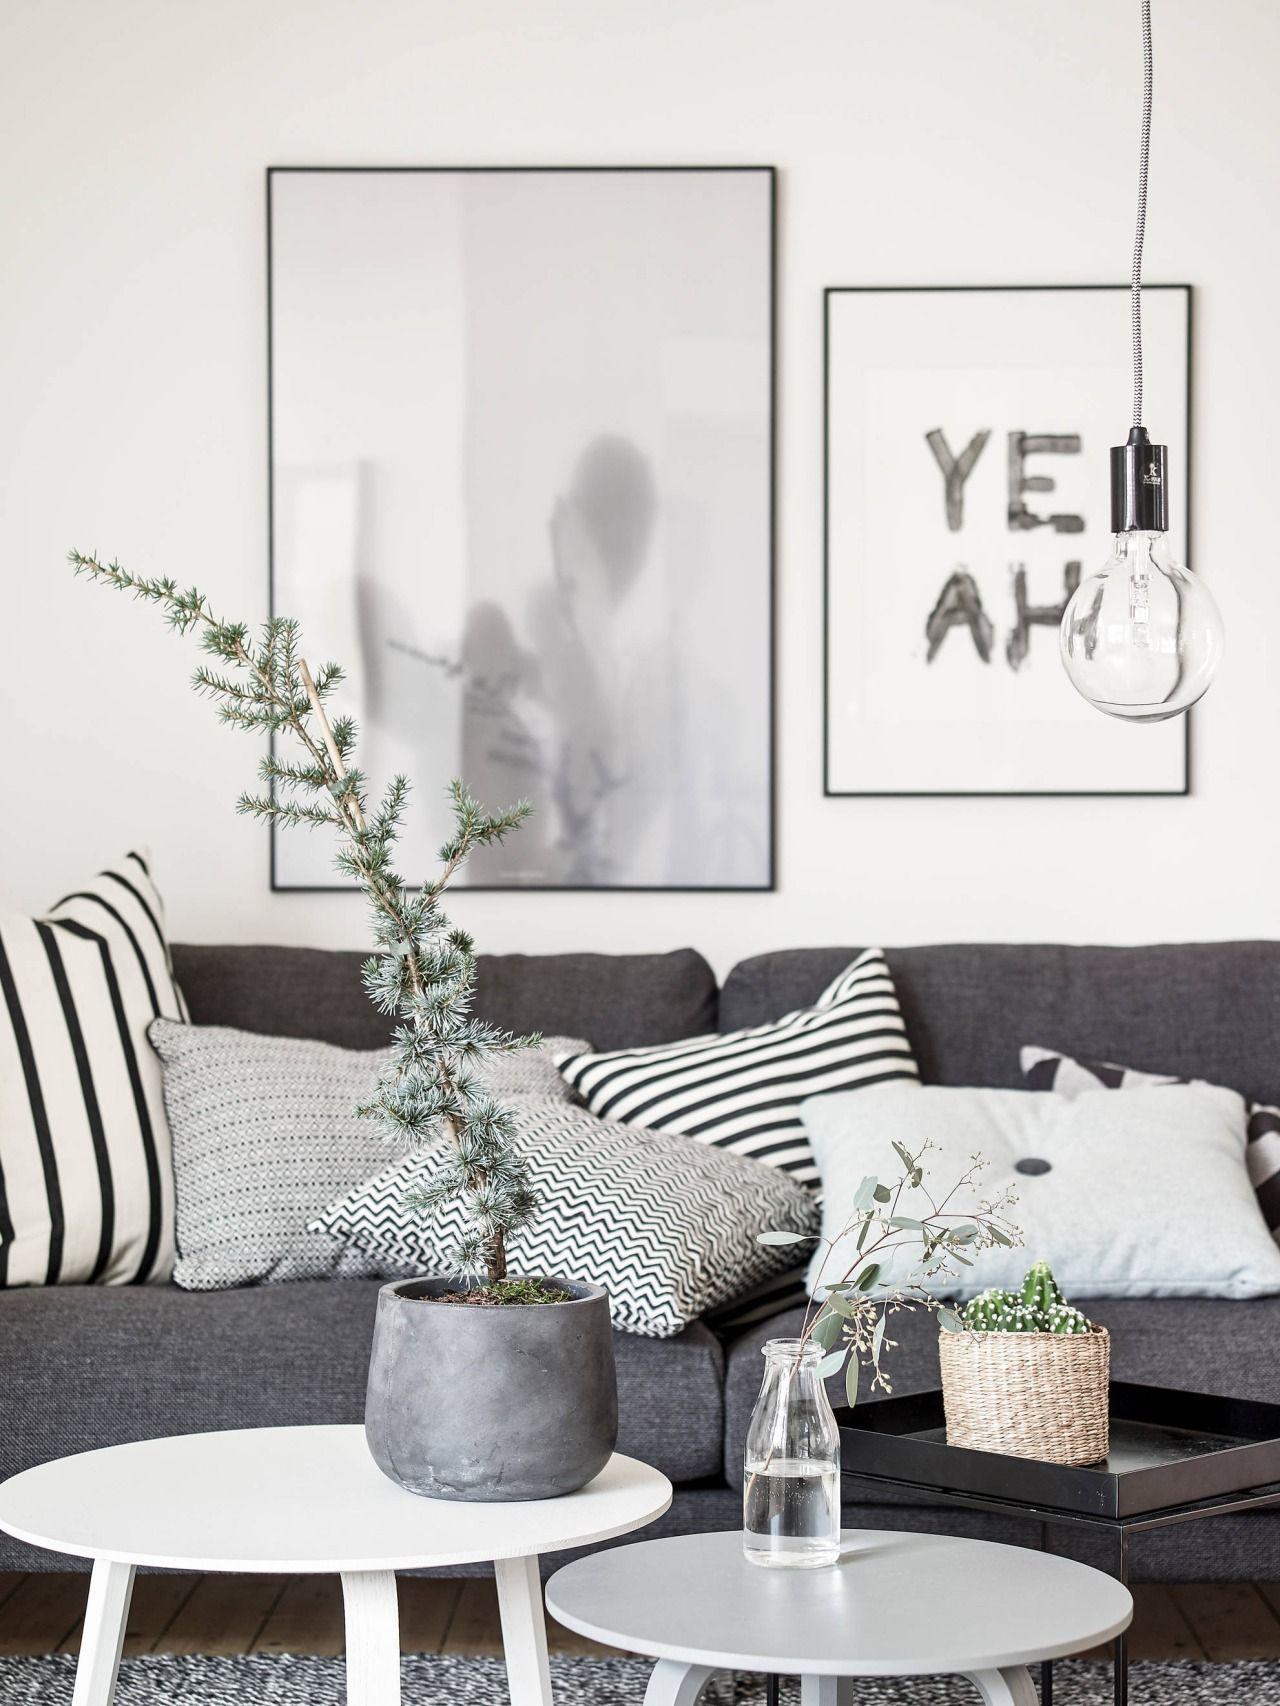 nordhemsgatan 70 meuble decor salon salon maison decoration maison mobilier de salon